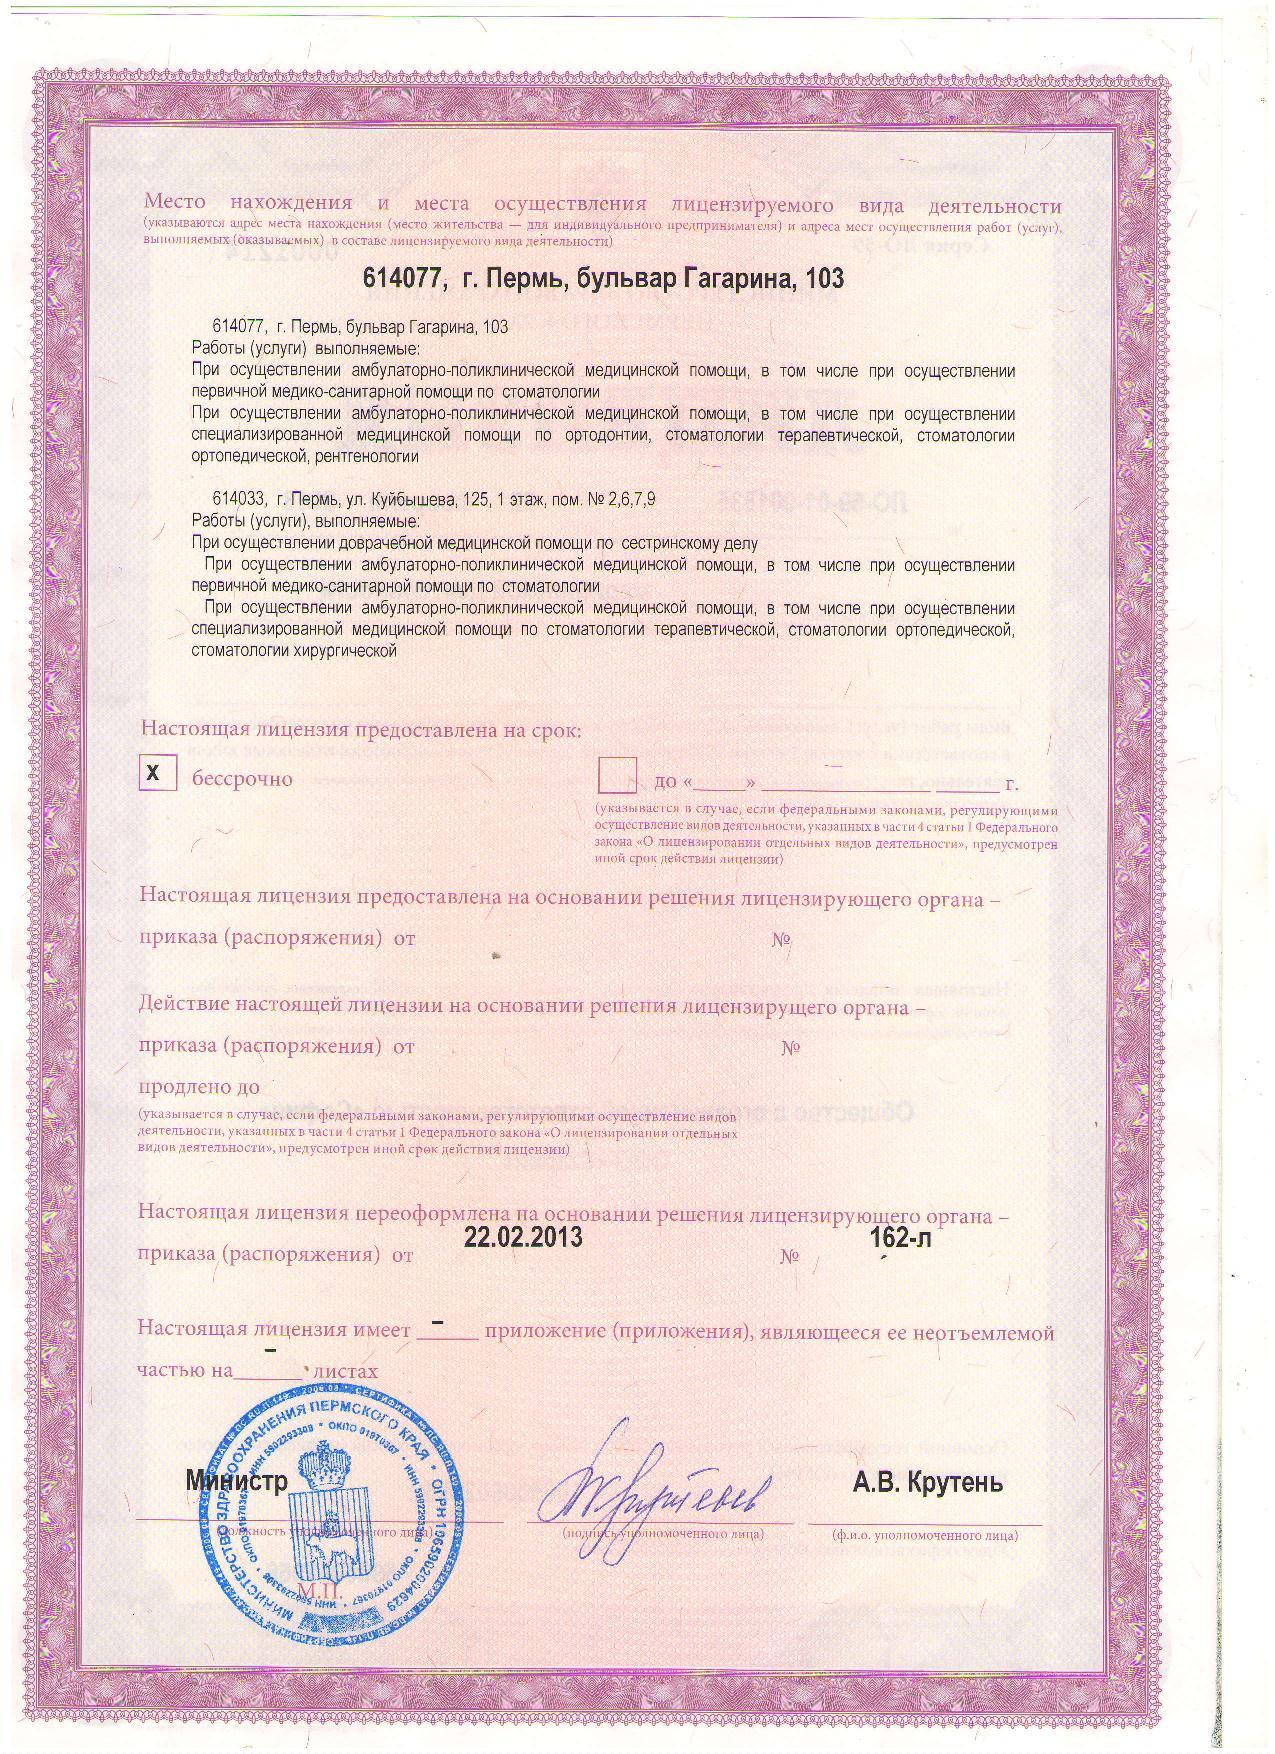 Лицензия стоматологической клиники София-Дента в Перми